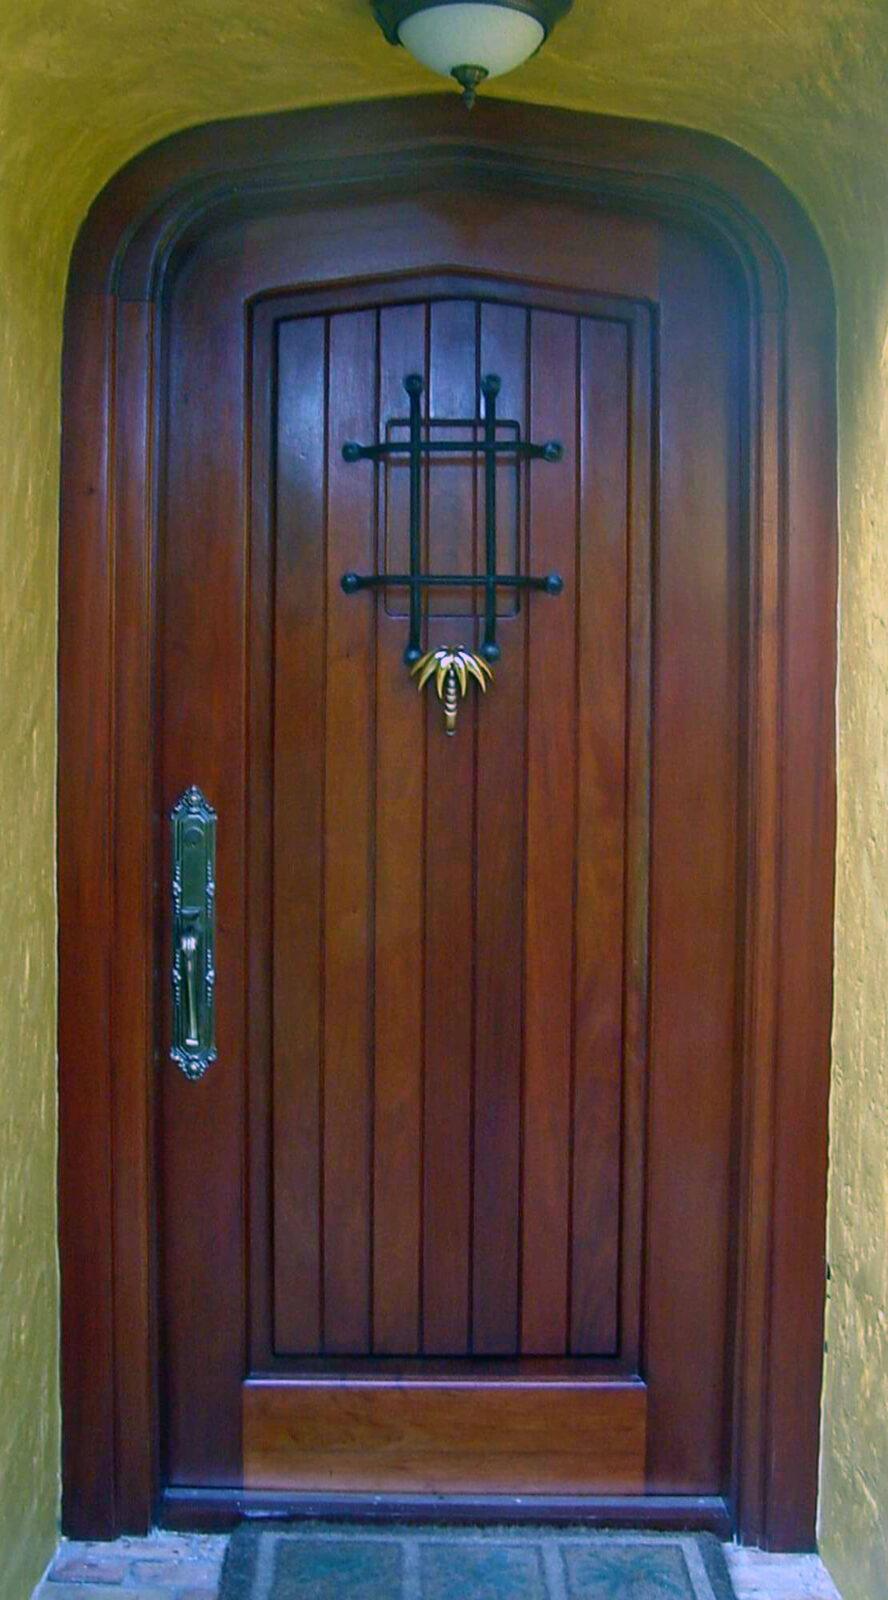 Deering Bay Mahogany Impact Door